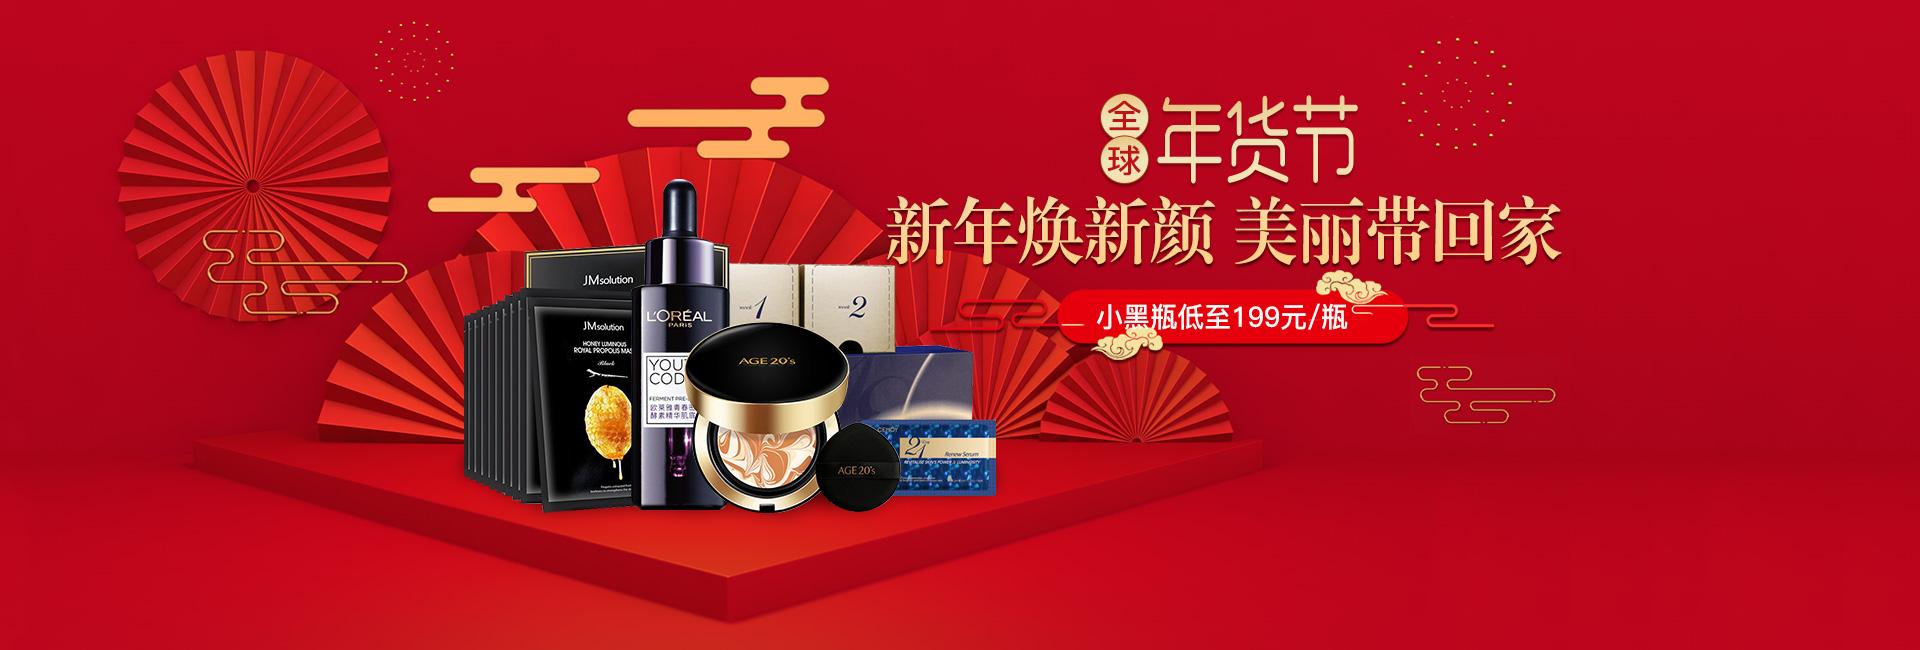 通通年货节,新年焕新颜,小黑瓶低至199元/瓶~